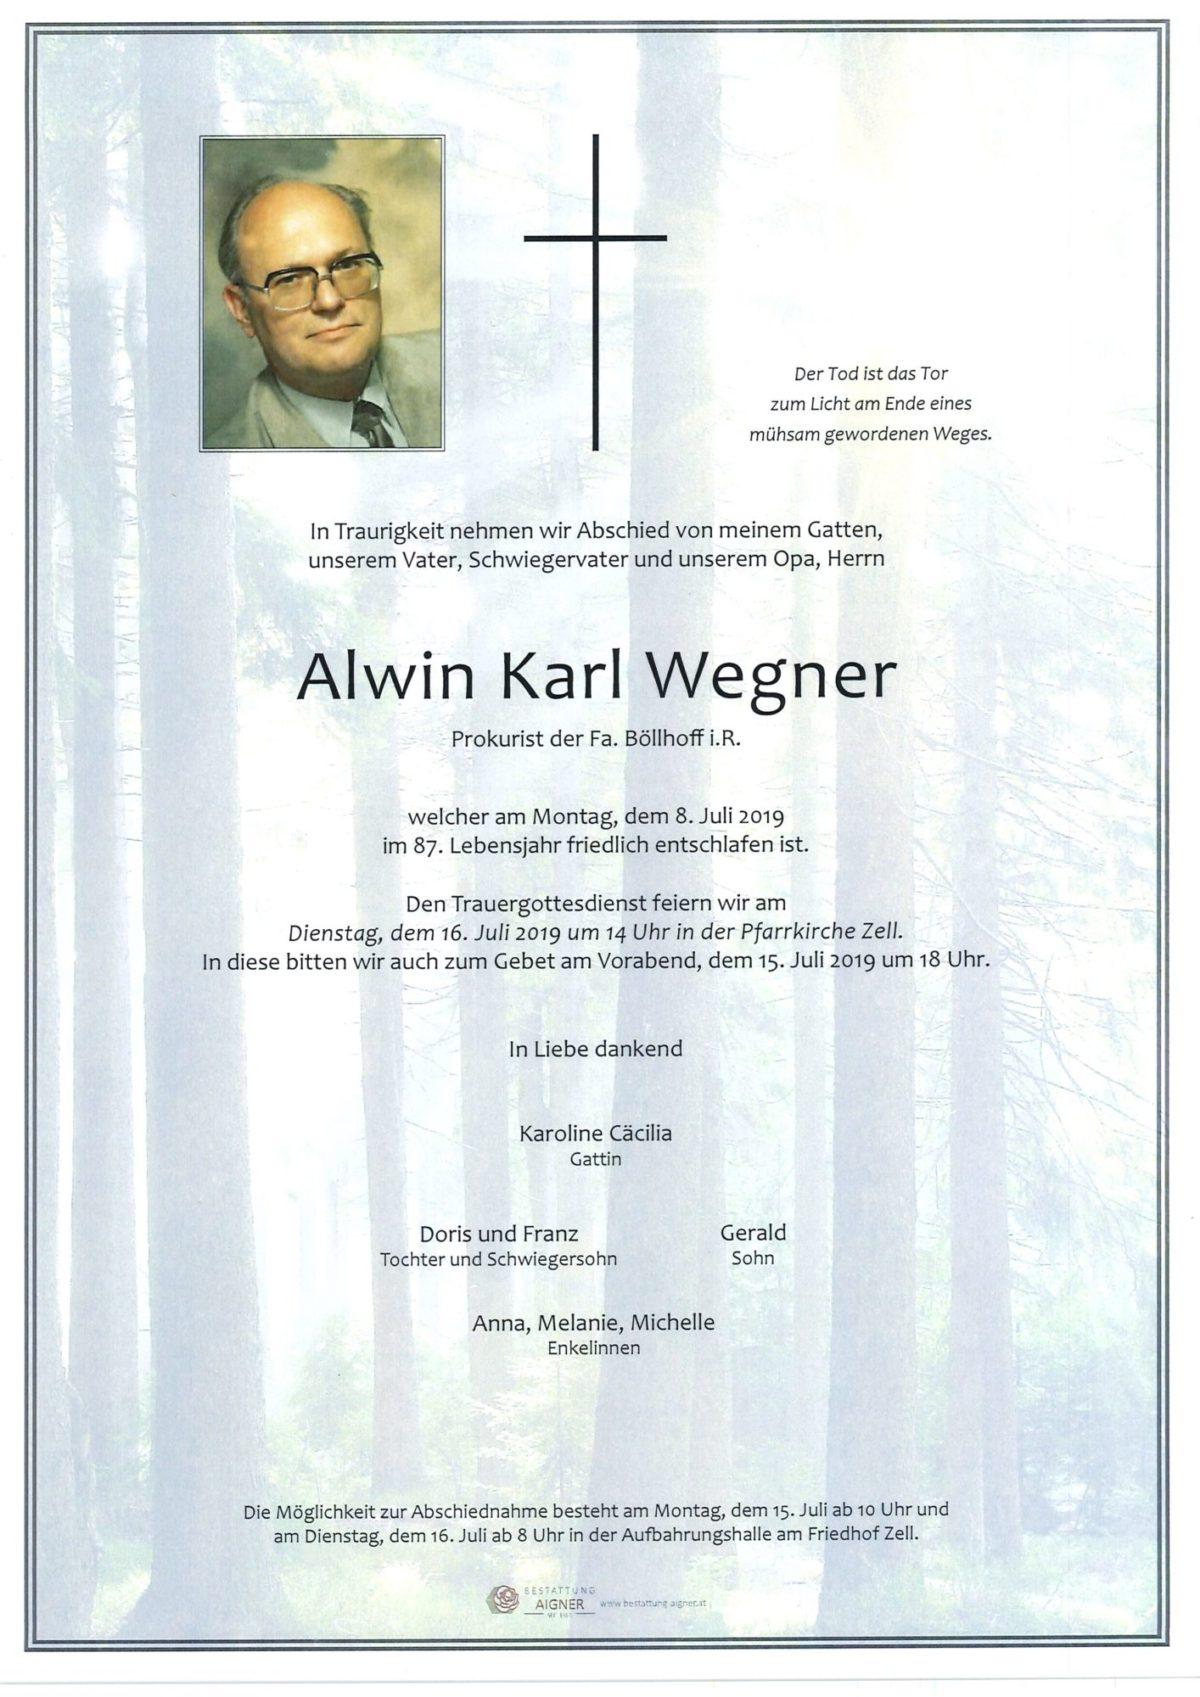 Alwin Karl Wegner